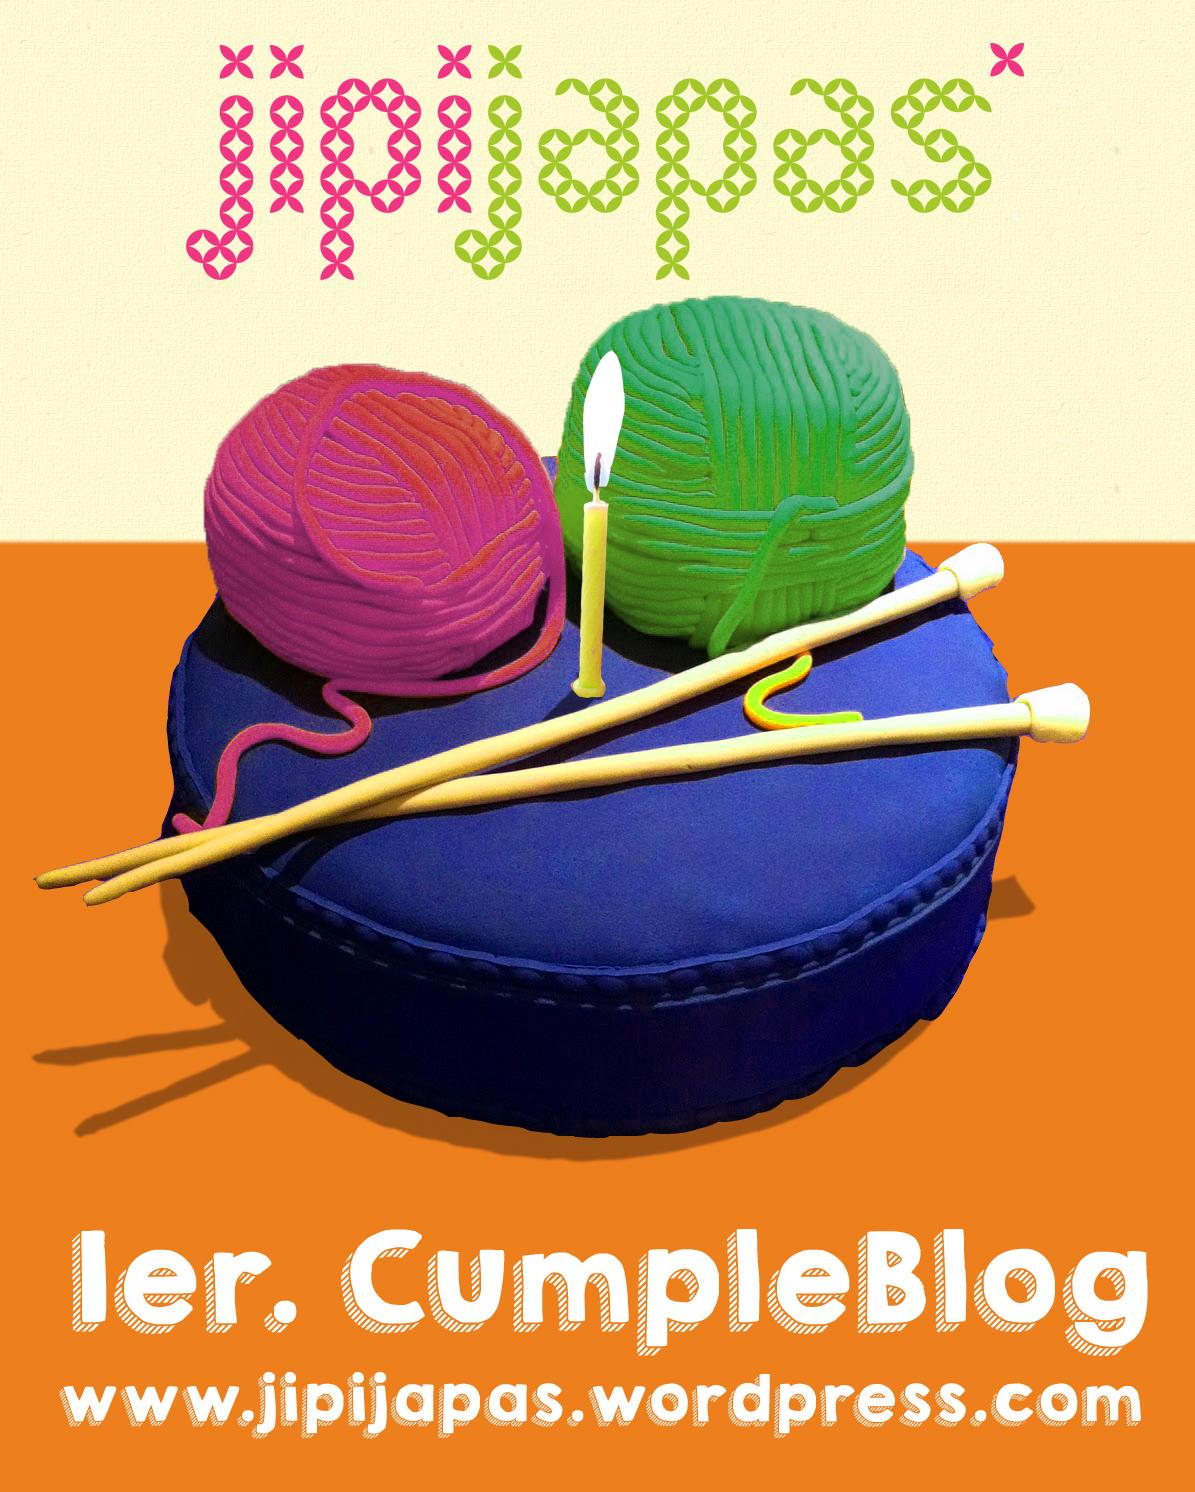 1er cumpleblog